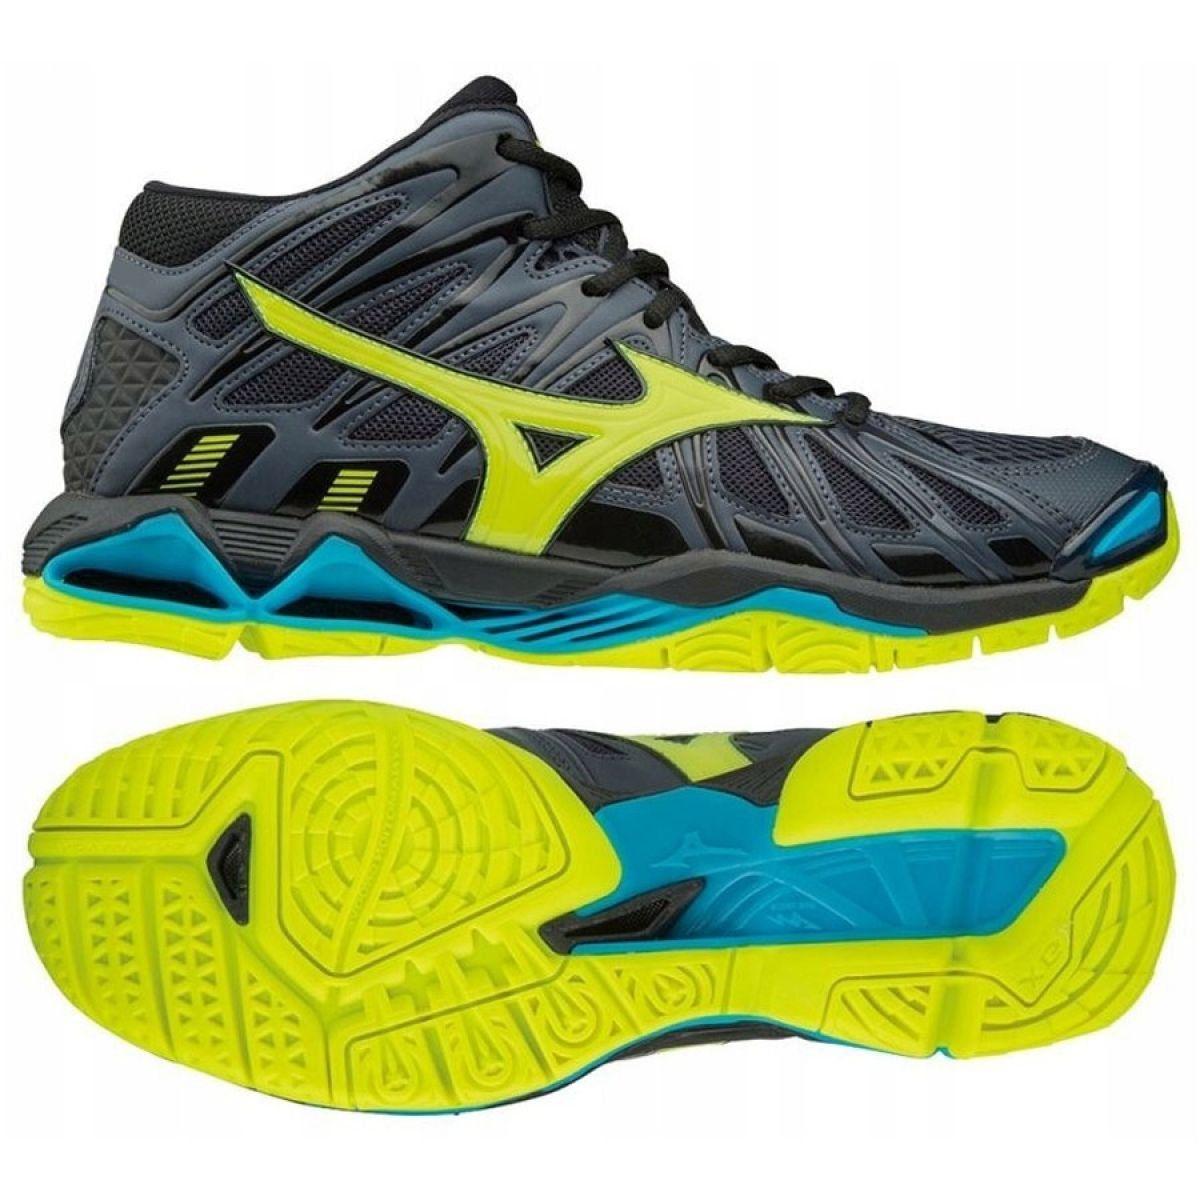 Volleyball Shoes Mizuno Wave Tornado X2 Mid M V1ga181747 Of Graphite Grey Volleyball Shoes Mizuno Shoes Mizuno